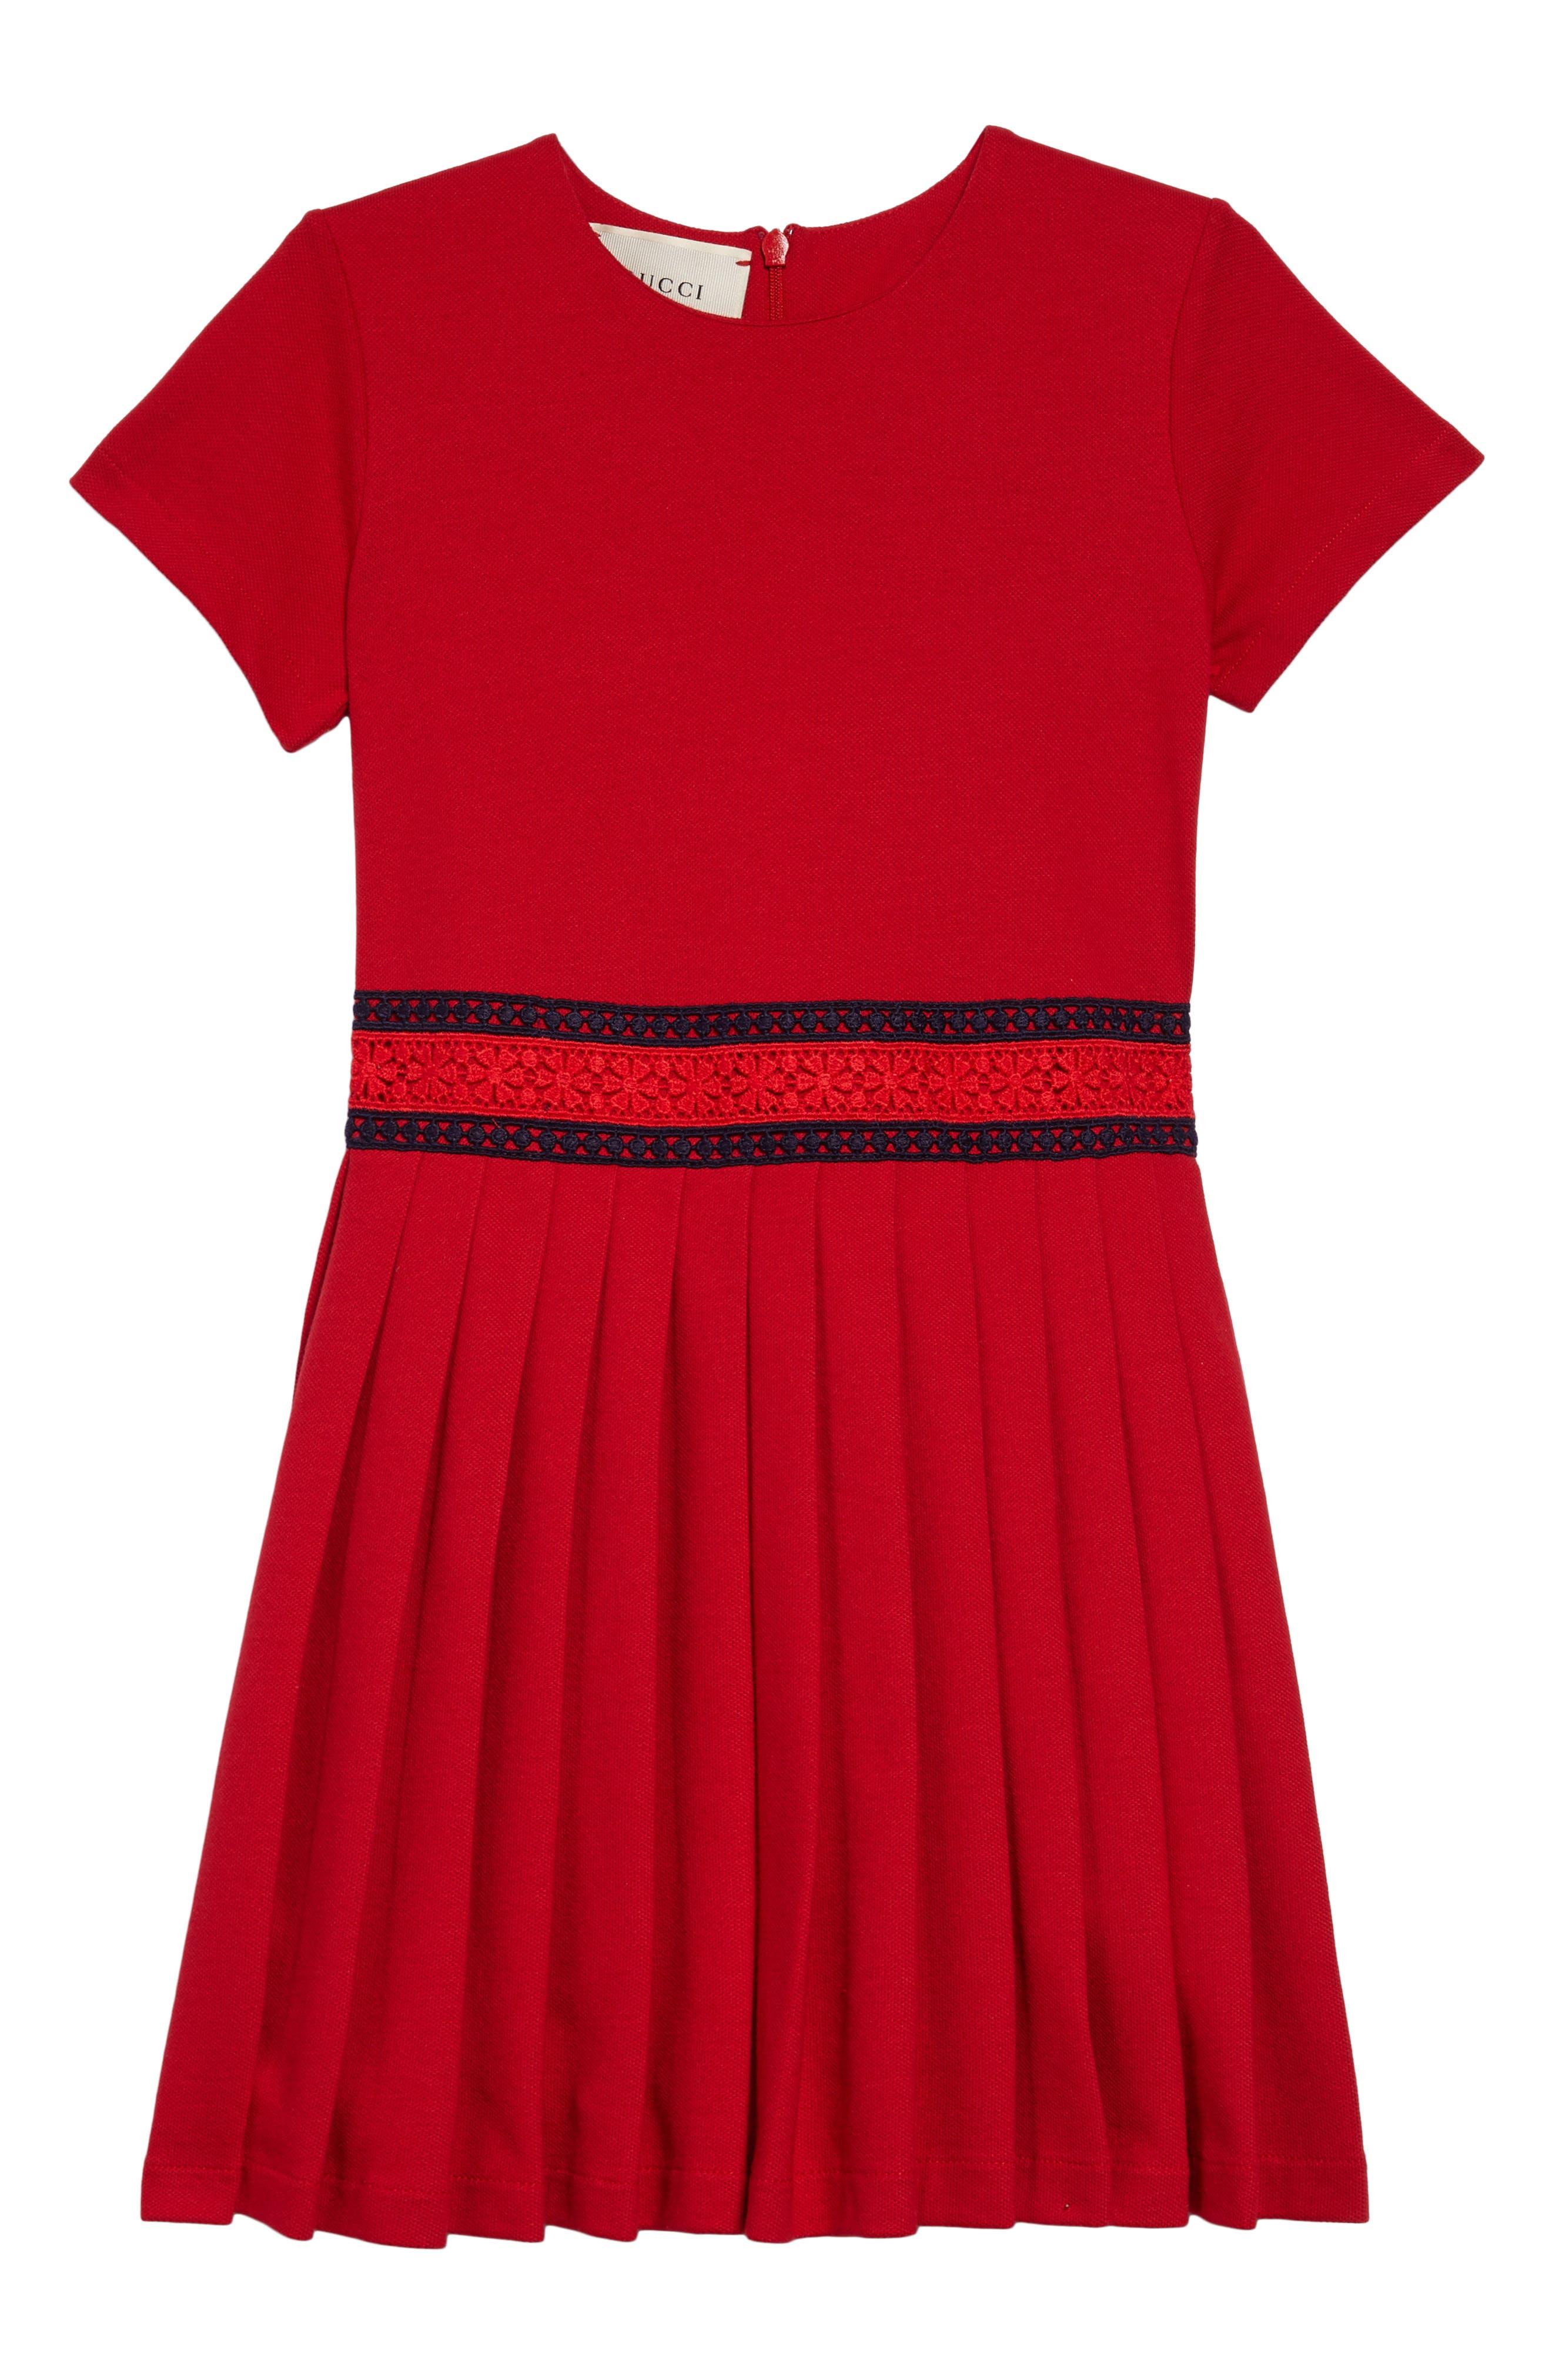 Piqué Cotton Pleat Dress,                             Main thumbnail 1, color,                             CERESE/ NERO